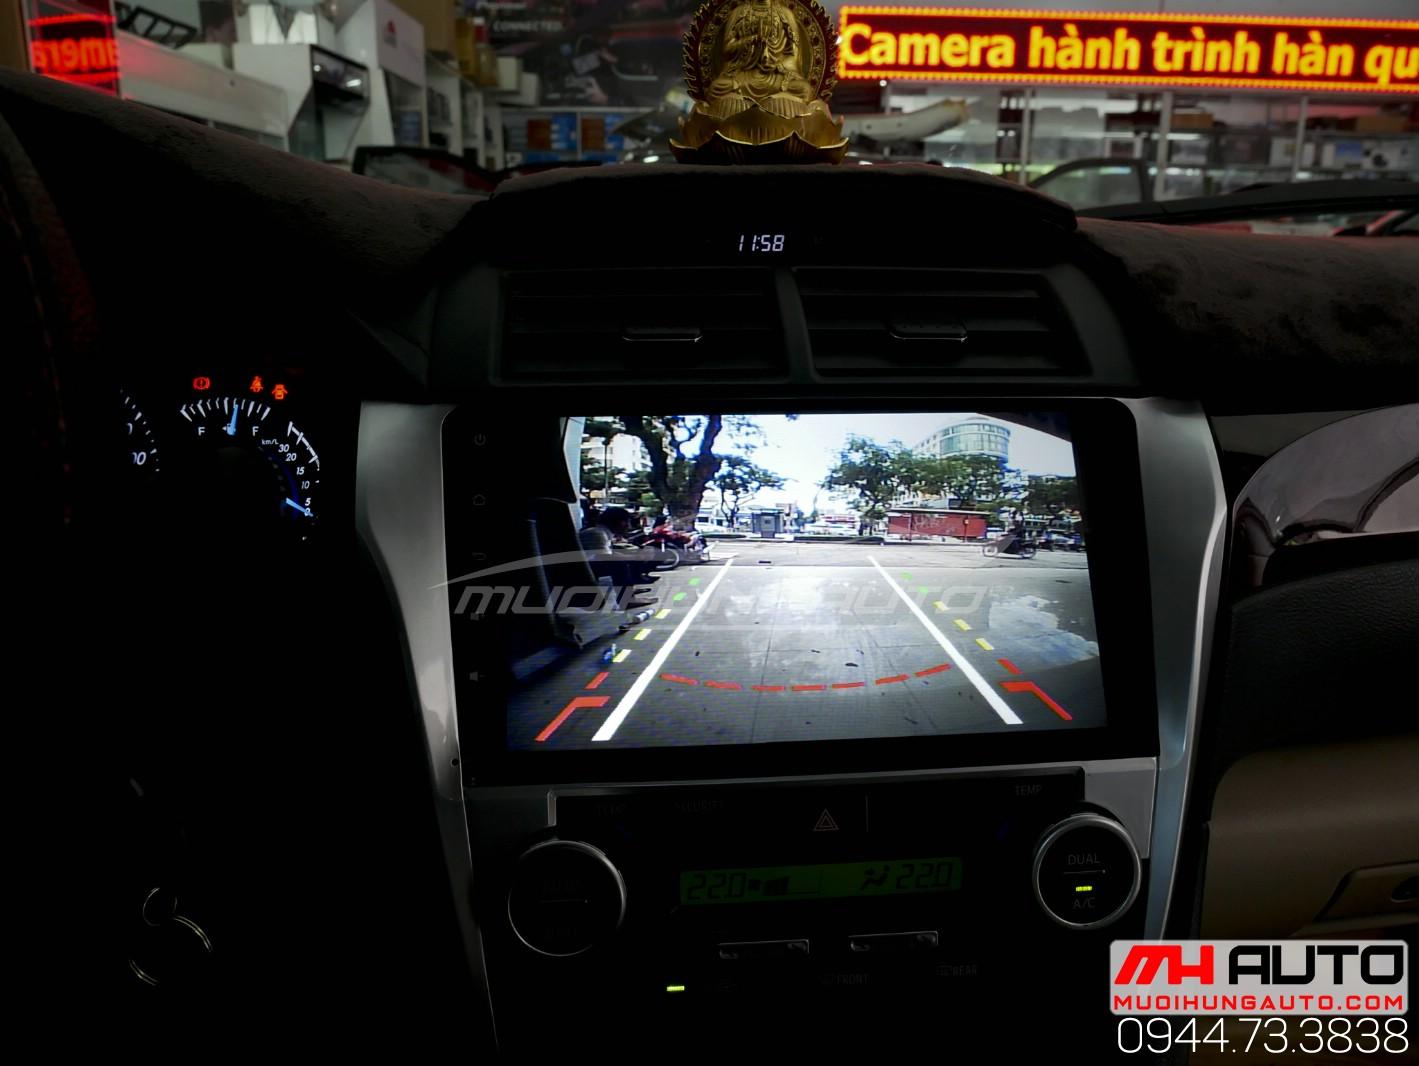 Gắn màn hình DVD Android Camry chính hãng Hàn Quốc